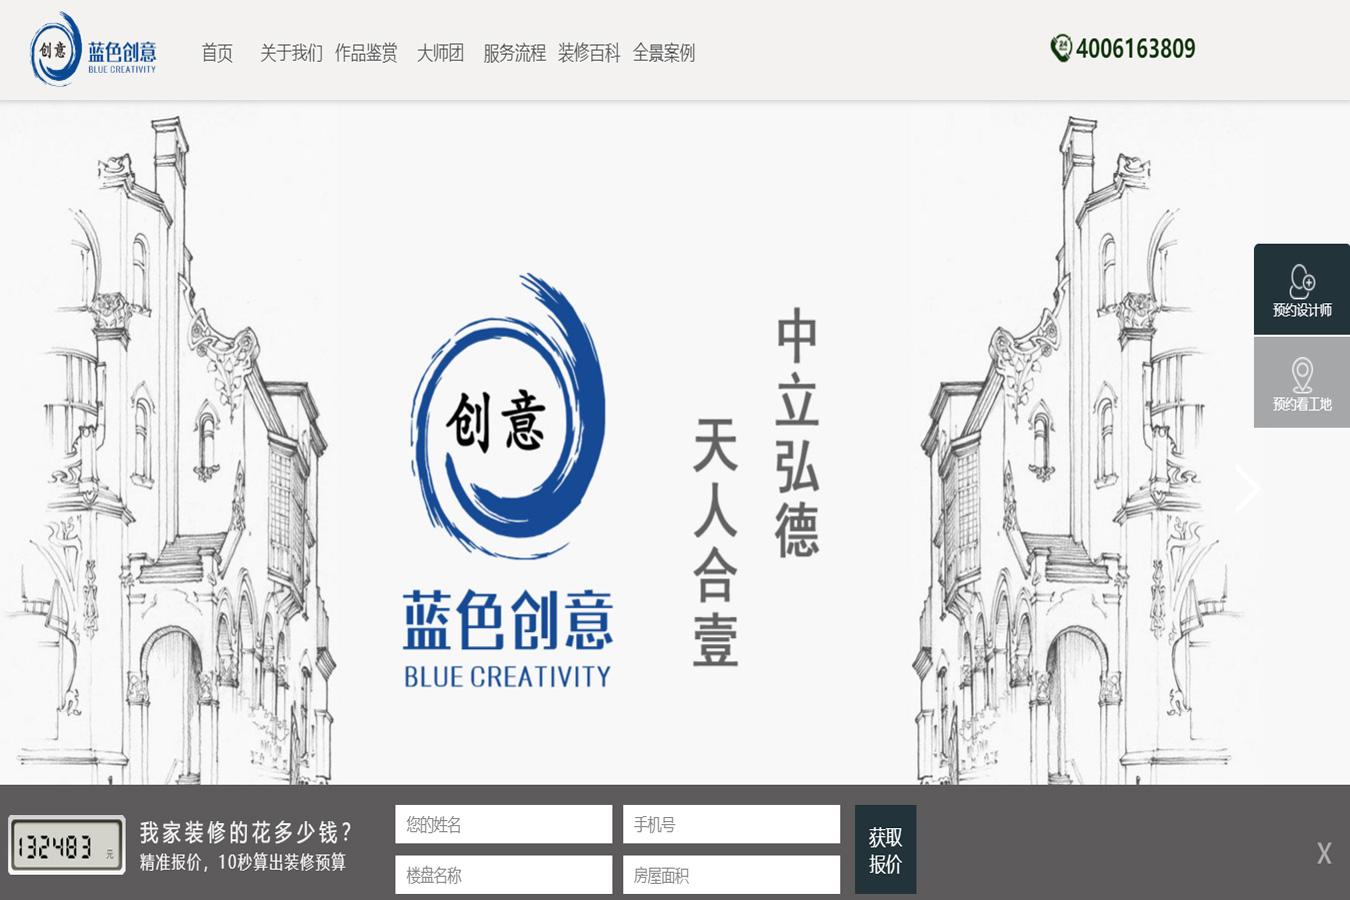 北京蓝色创意装饰,别墅装修,设计,高端装饰,别墅装修公司